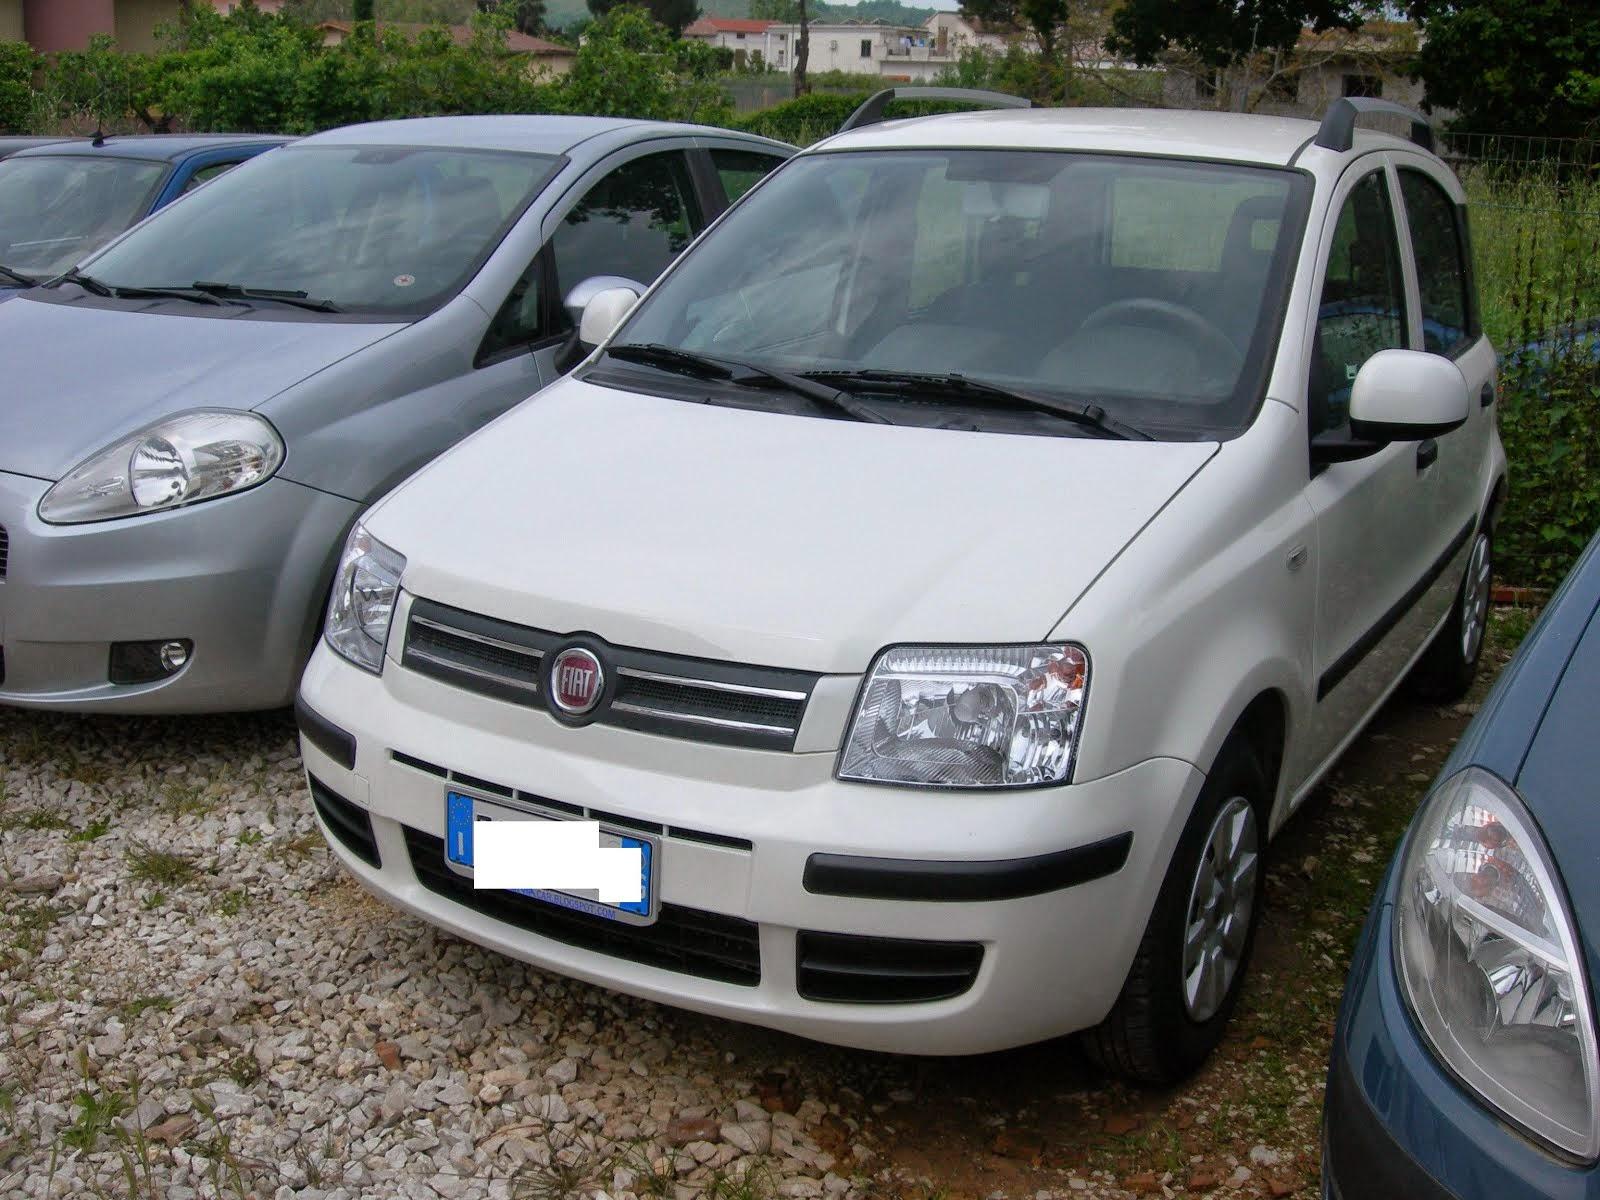 Fiat Panda 1.2 classic anno 2011 30.000 km con clima - 6.400,00 Euro su richiesta Montiamo IMp. GPL